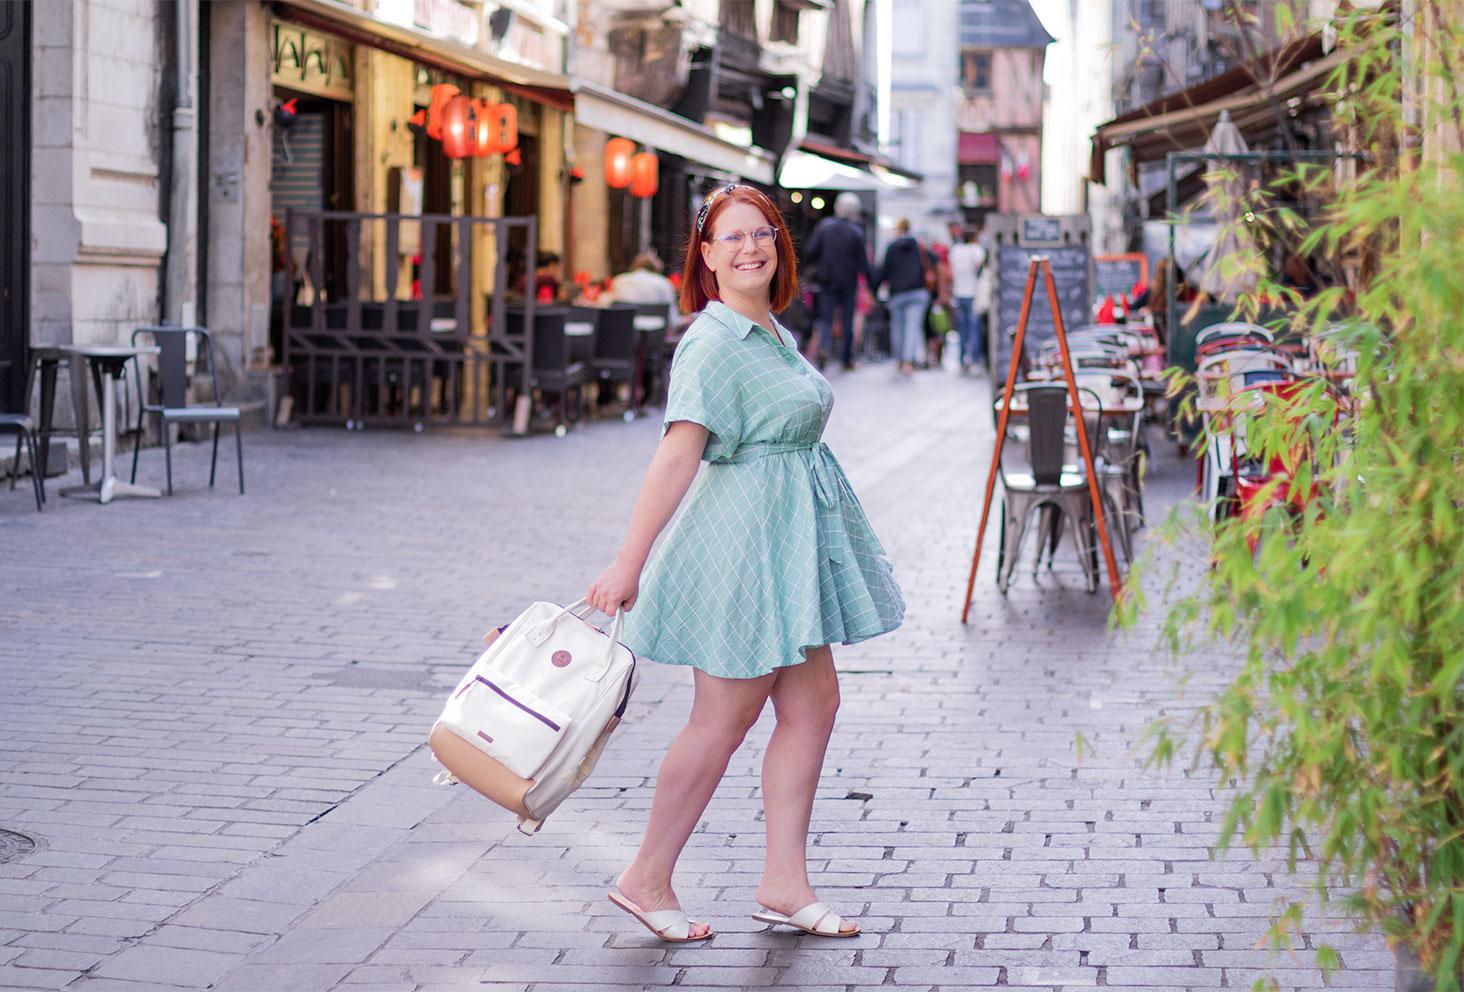 Avec le sourire au milieu de la rue, en train de marcher en robe verte fluide un sac à dos dans la main